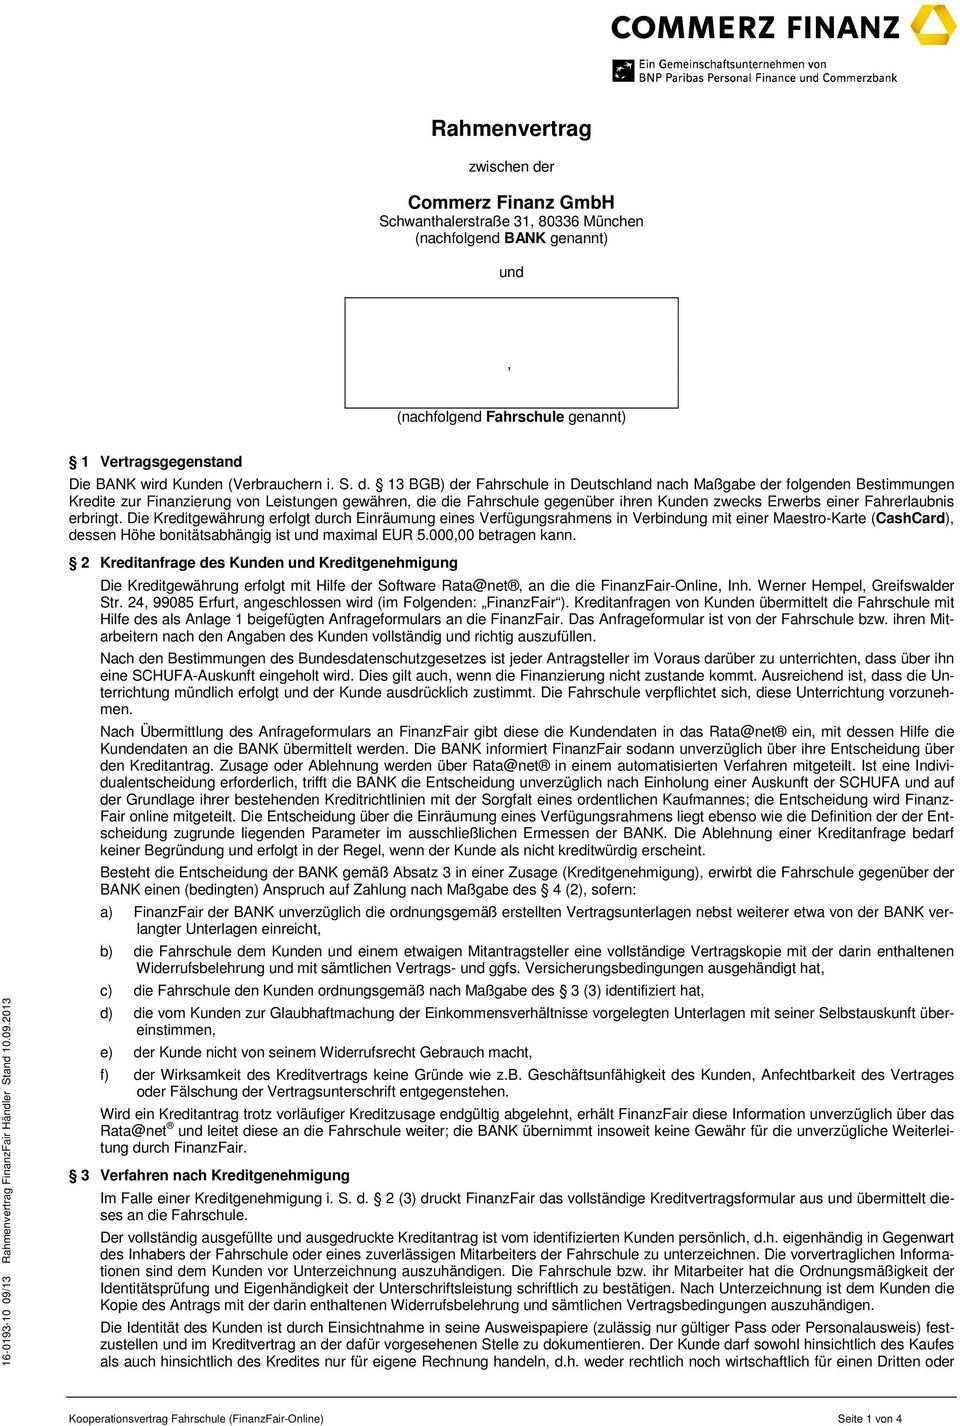 Rahmenvertrag Zwischen Der Commerz Finanz Gmbh Schwanthalerstrasse 31 Munchen Nachfolgend Bank Genannt Und Nachfolgend Fahrschule Genannt Pdf Kostenfreier Download